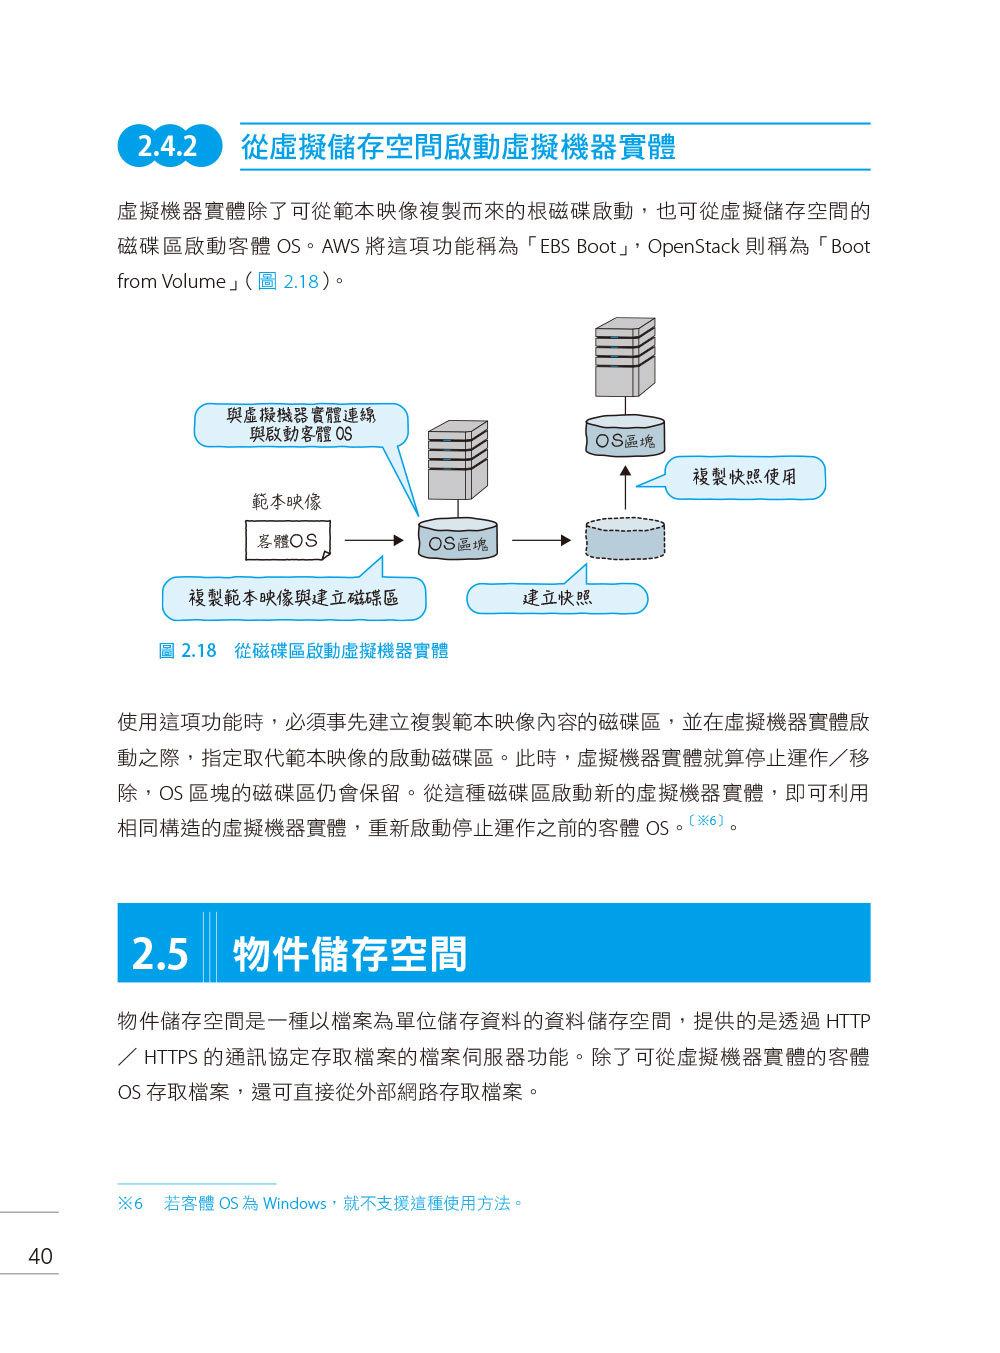 圖解雲端技術|基礎架構x運作原理 x API-preview-5